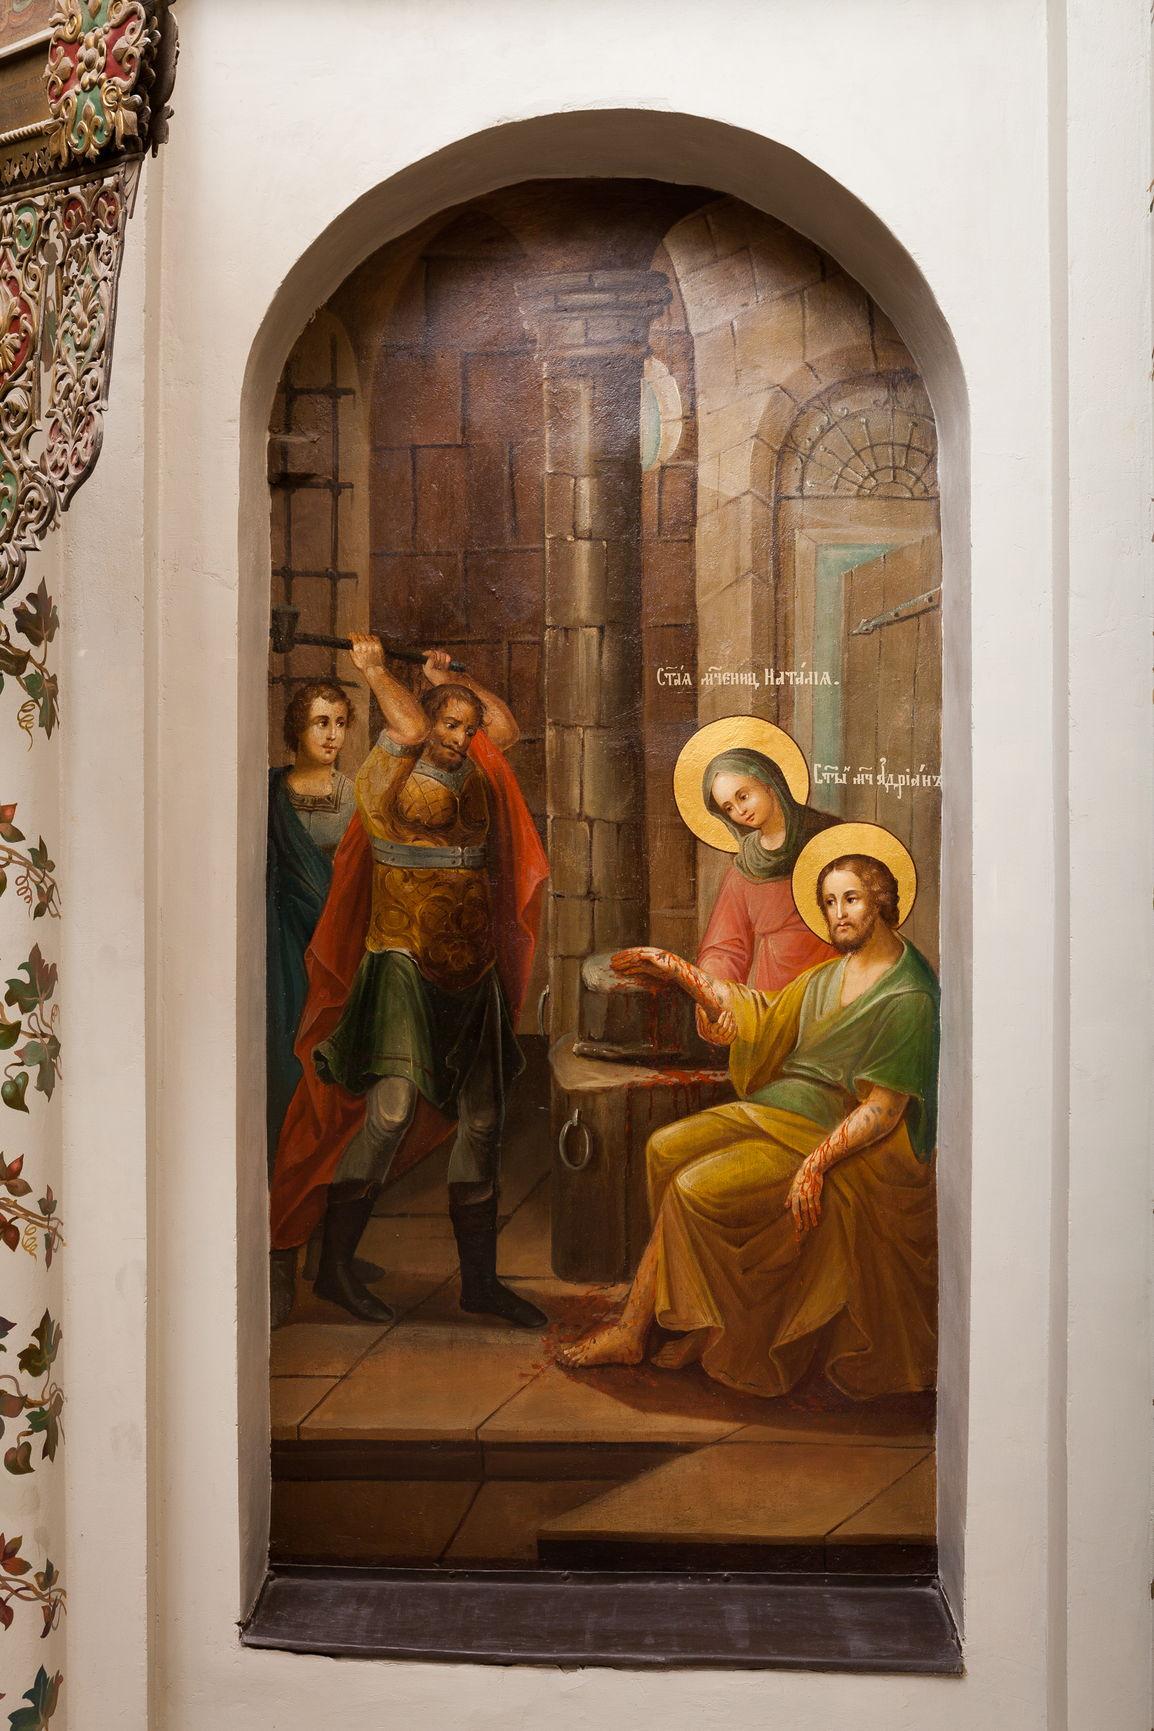 Фрагменты настенной росписи со сценами мучеников Адриана и Наталии